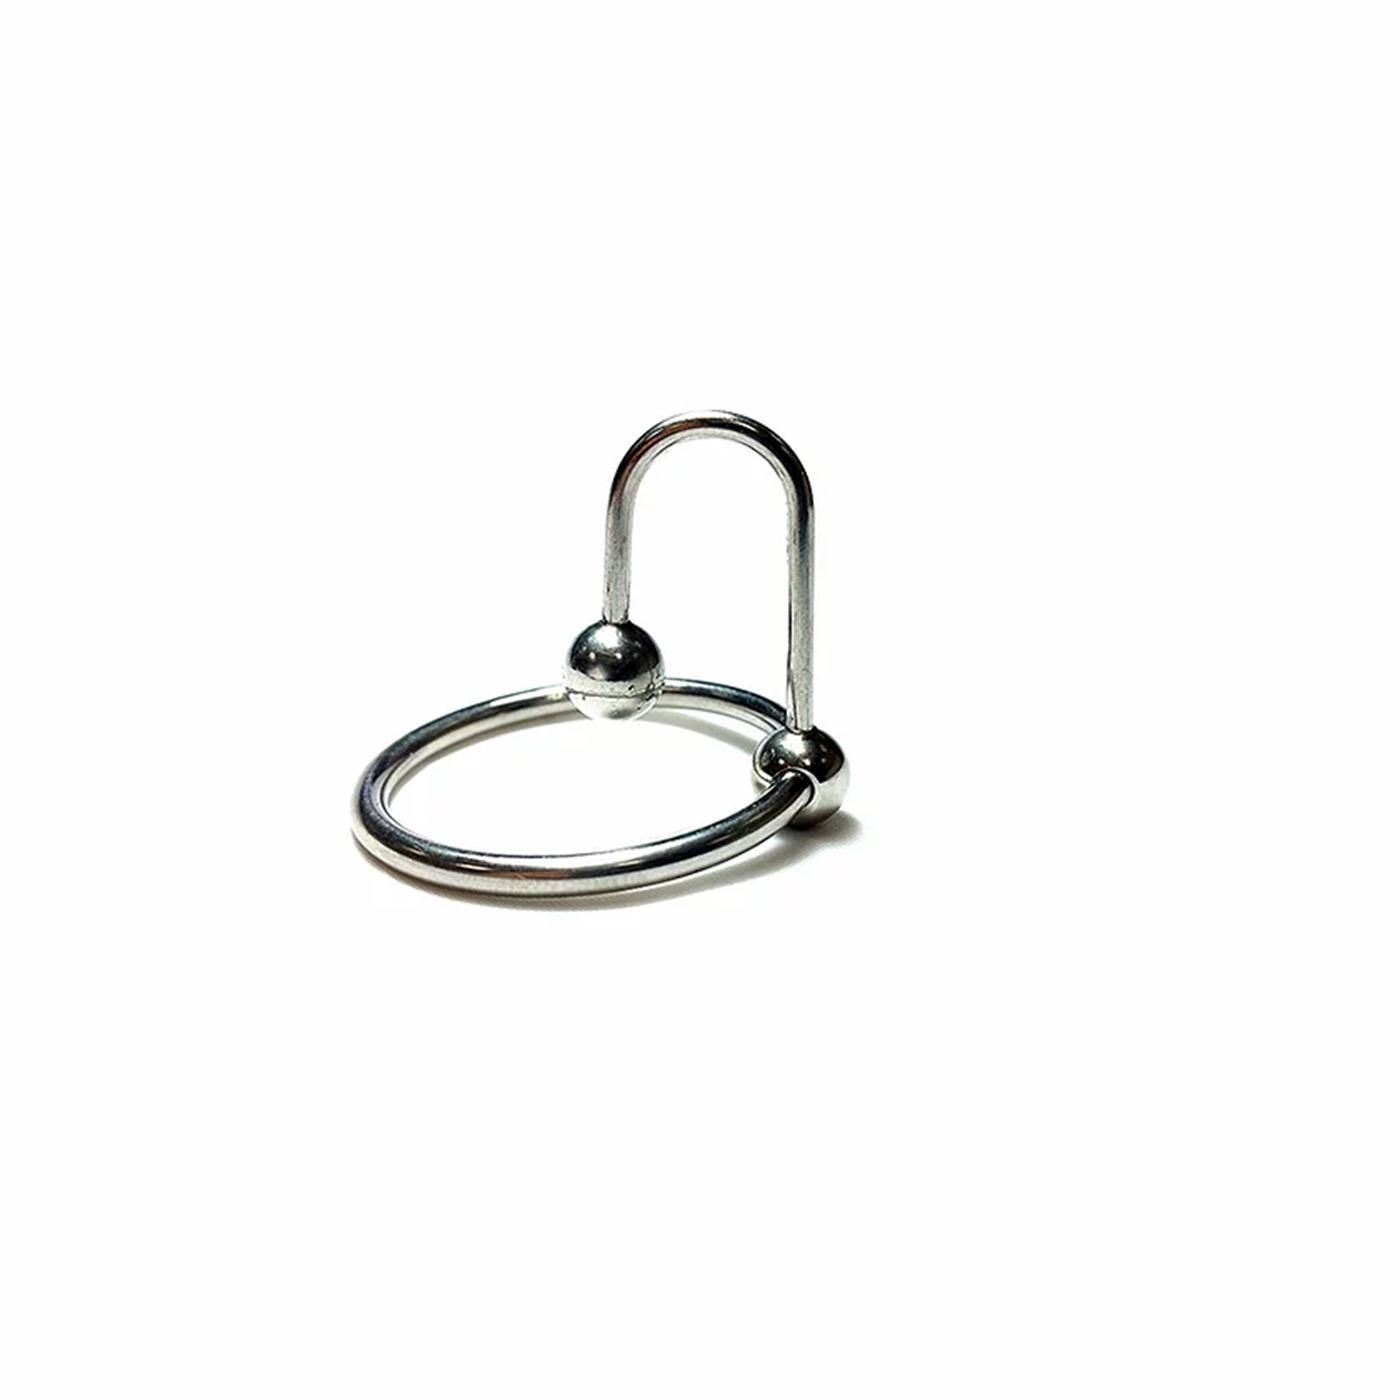 Sperm Stopper Ring